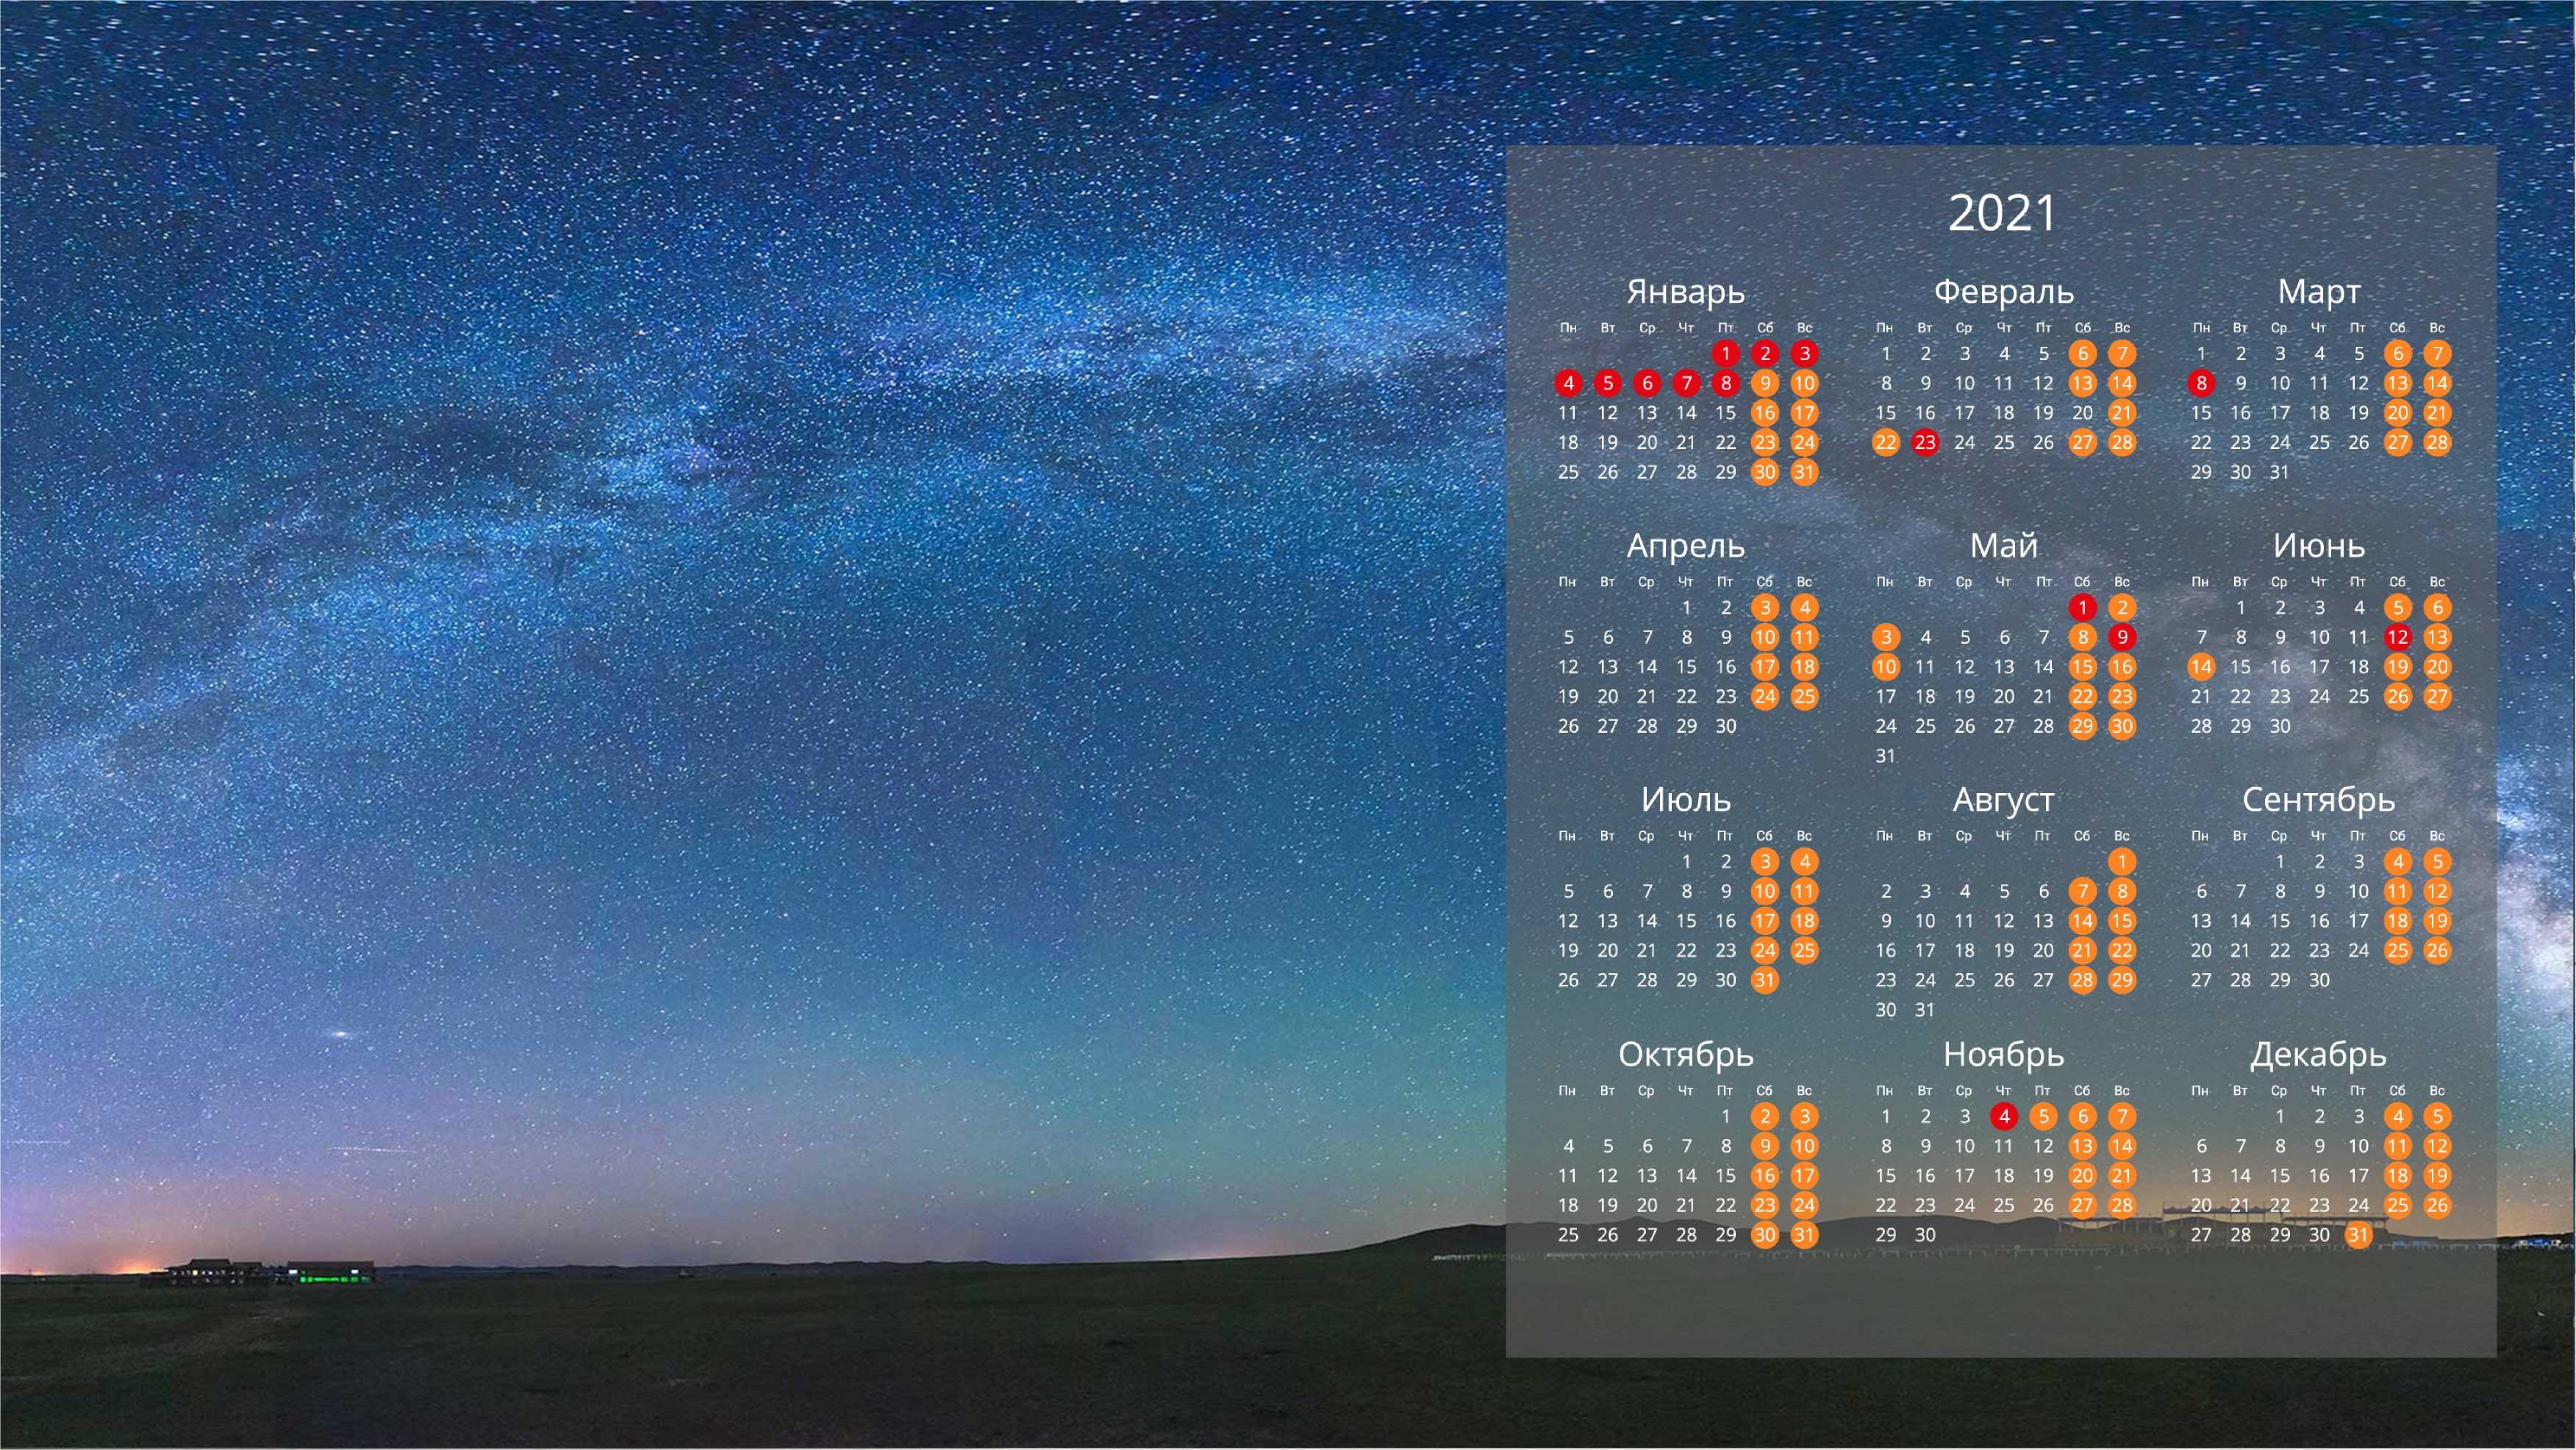 Обои на рабочий стол с календарем 2021 года (11)